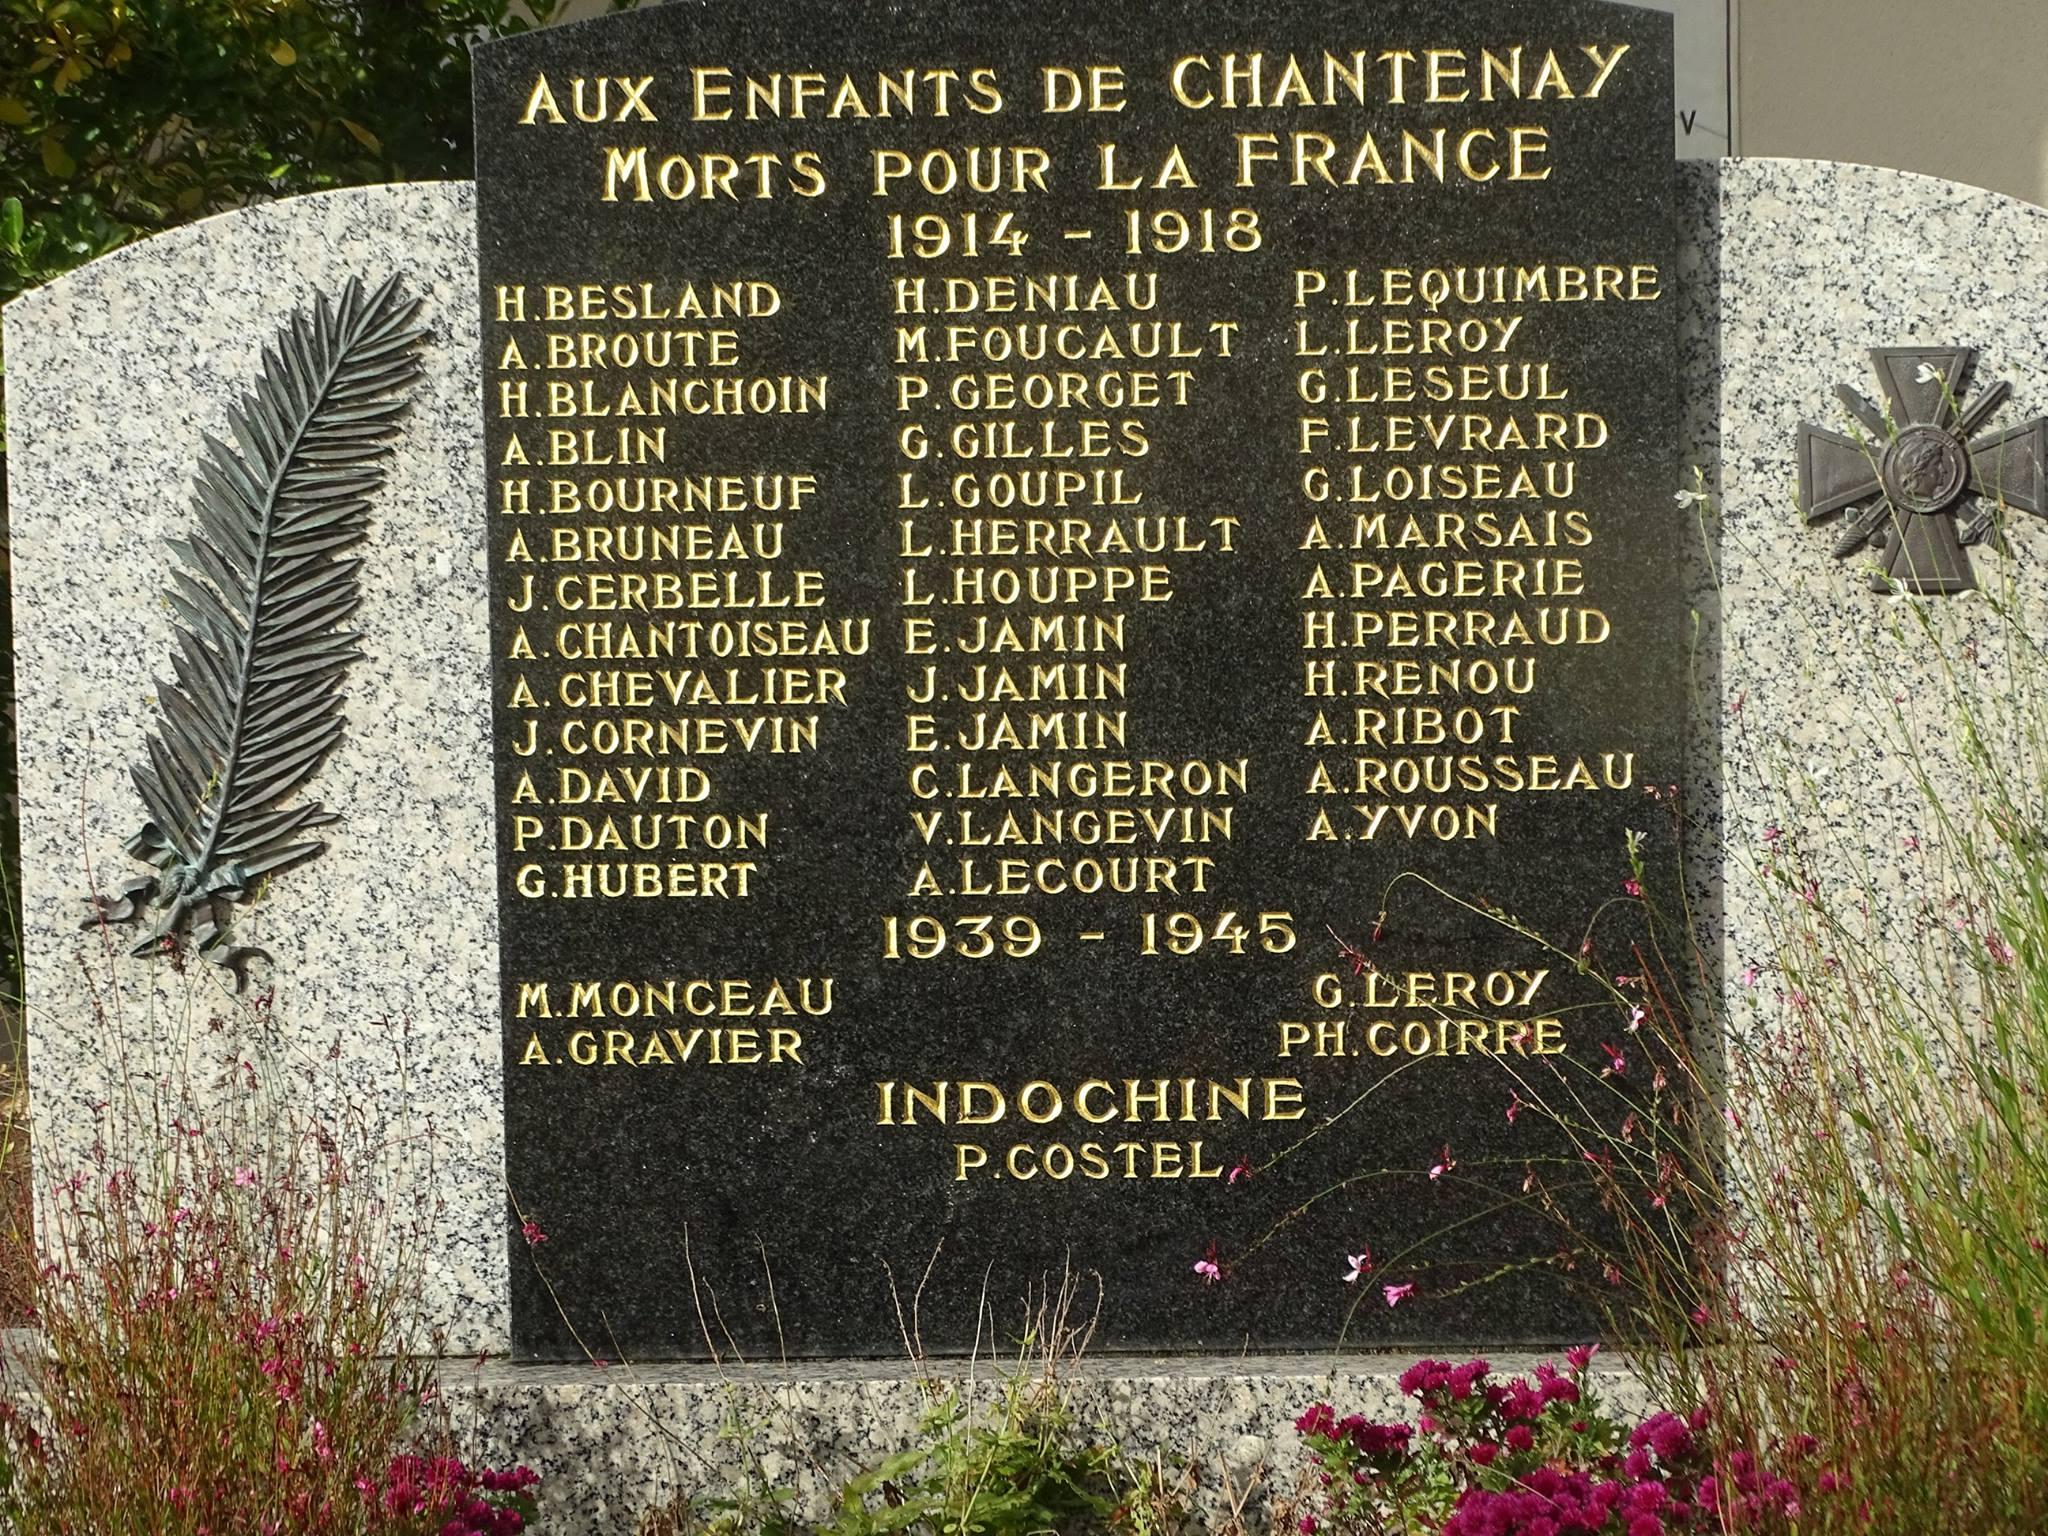 Chantenay Villedieu - Monument commémoratif - Aux enfants de Chantenay morts pour la France 1914-1918 - Vue 02 (Marie-Yvonne Mersanne)